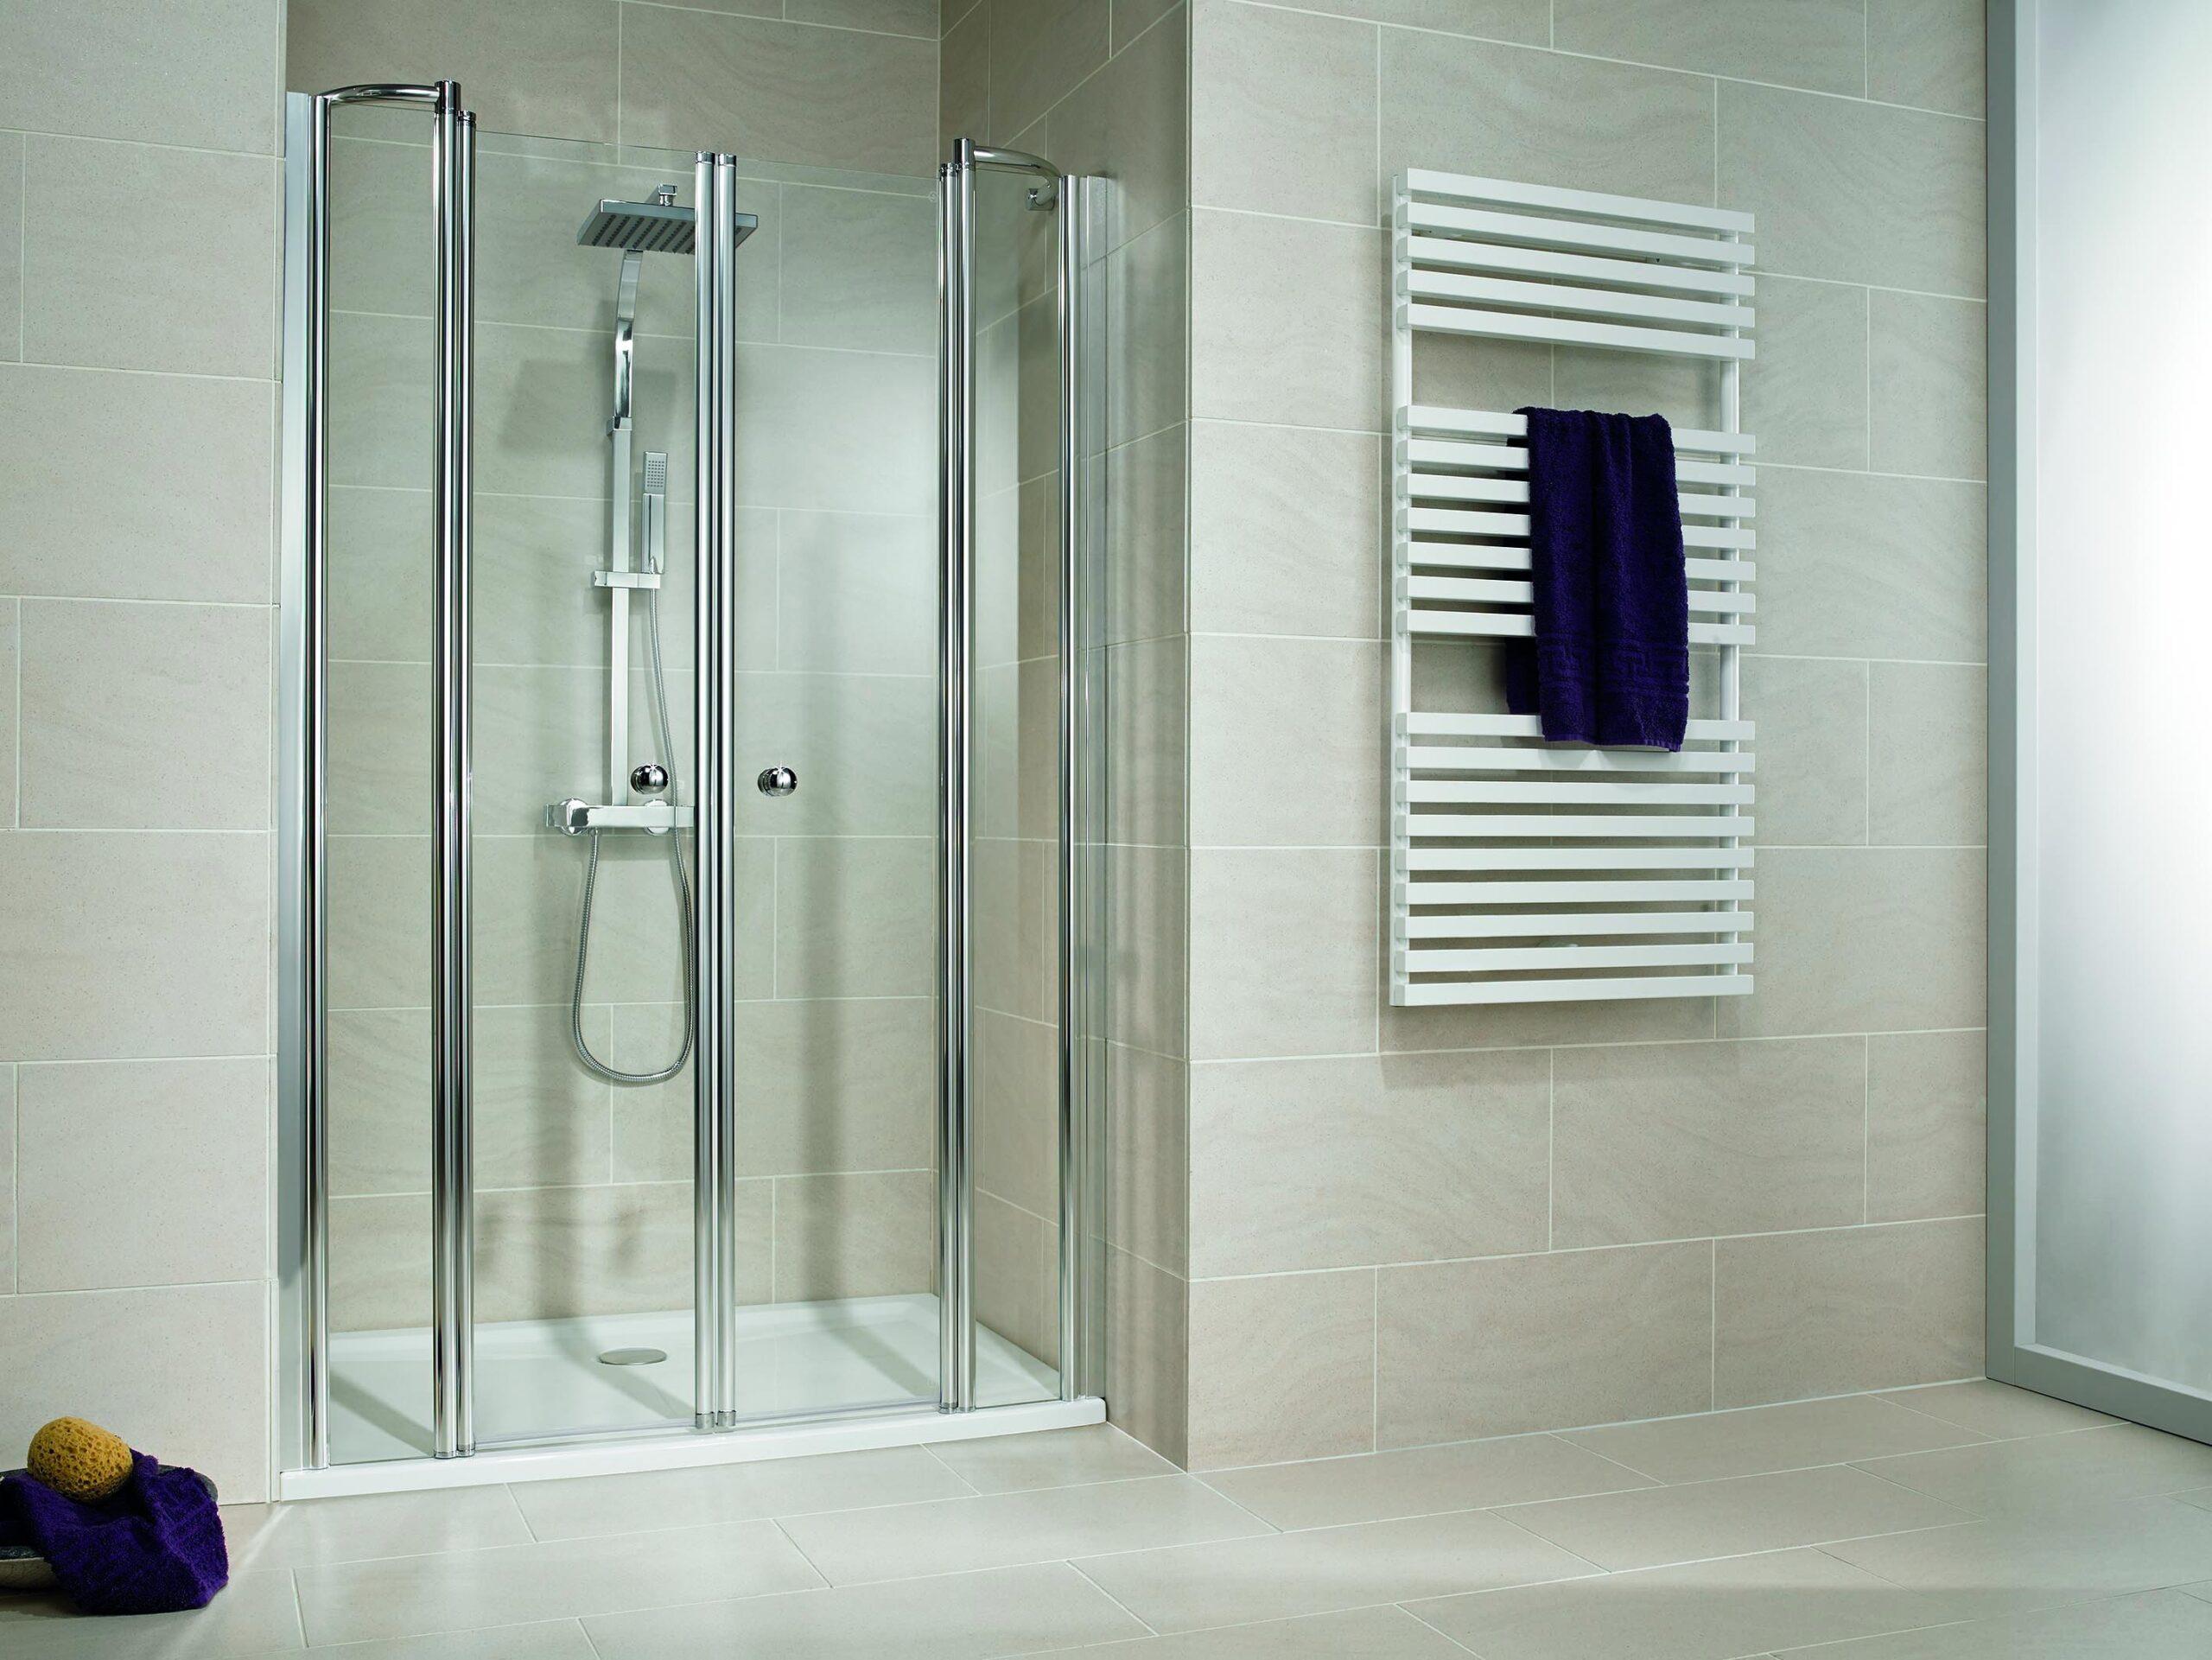 Full Size of Pendeltür Dusche 90x90 Unterputz Armatur Wand Einhebelmischer Glasabtrennung Grohe Thermostat Rainshower Bidet Bluetooth Lautsprecher Ebenerdige Dusche Pendeltür Dusche